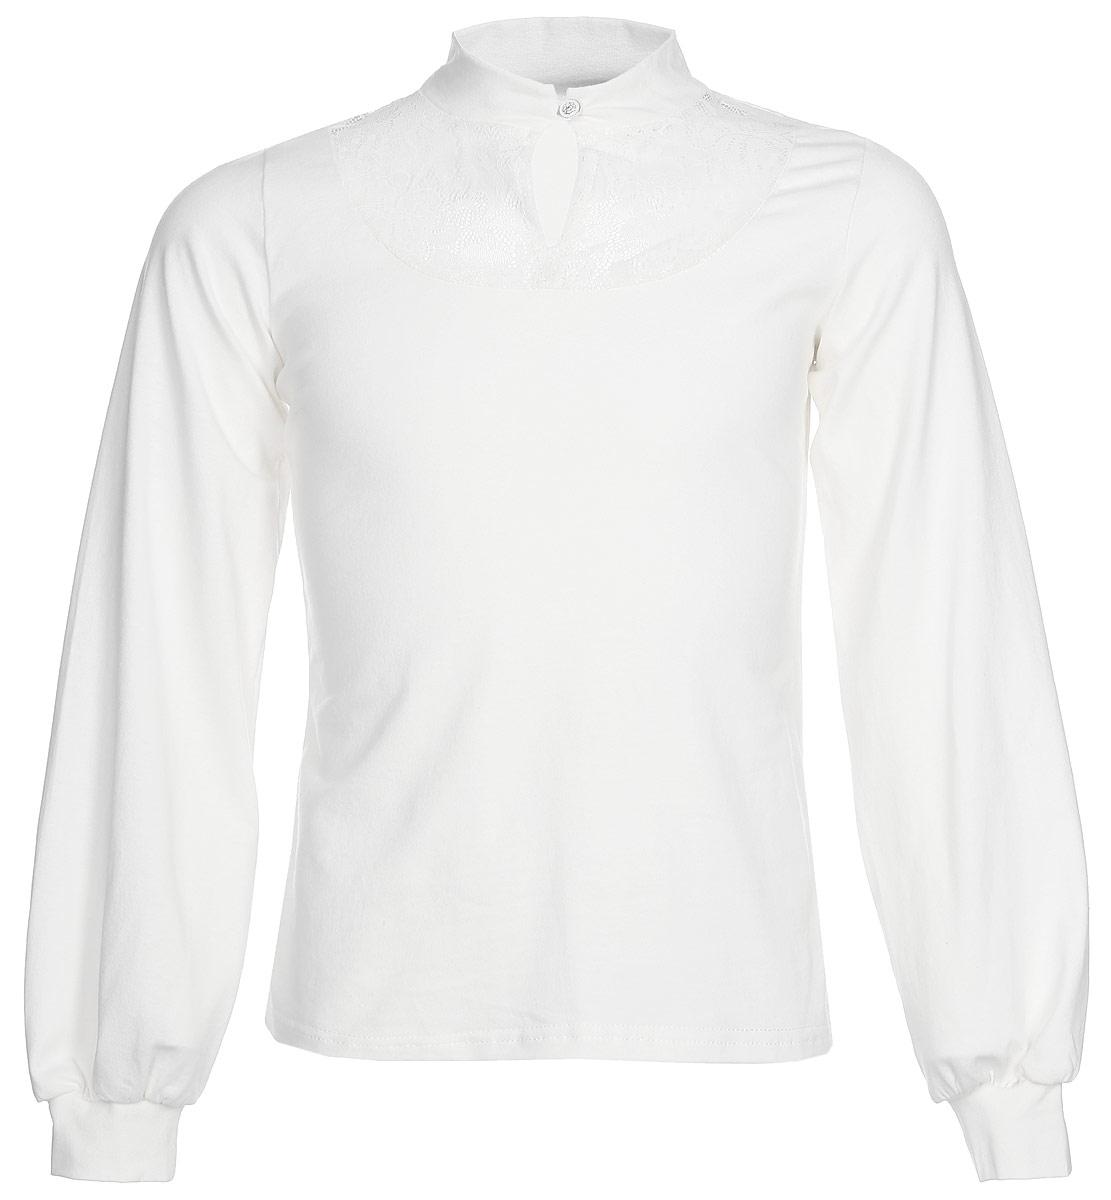 Блузка для девочки Nota Bene, цвет: молочный. CJR270462A17. Размер 122CJR270462A17/CJR270462B17Блузка для девочки Nota Bene выполнена из хлопкового трикотажа с кружевной отделкой. Модель с длинными рукавами застегивается на пуговицу.